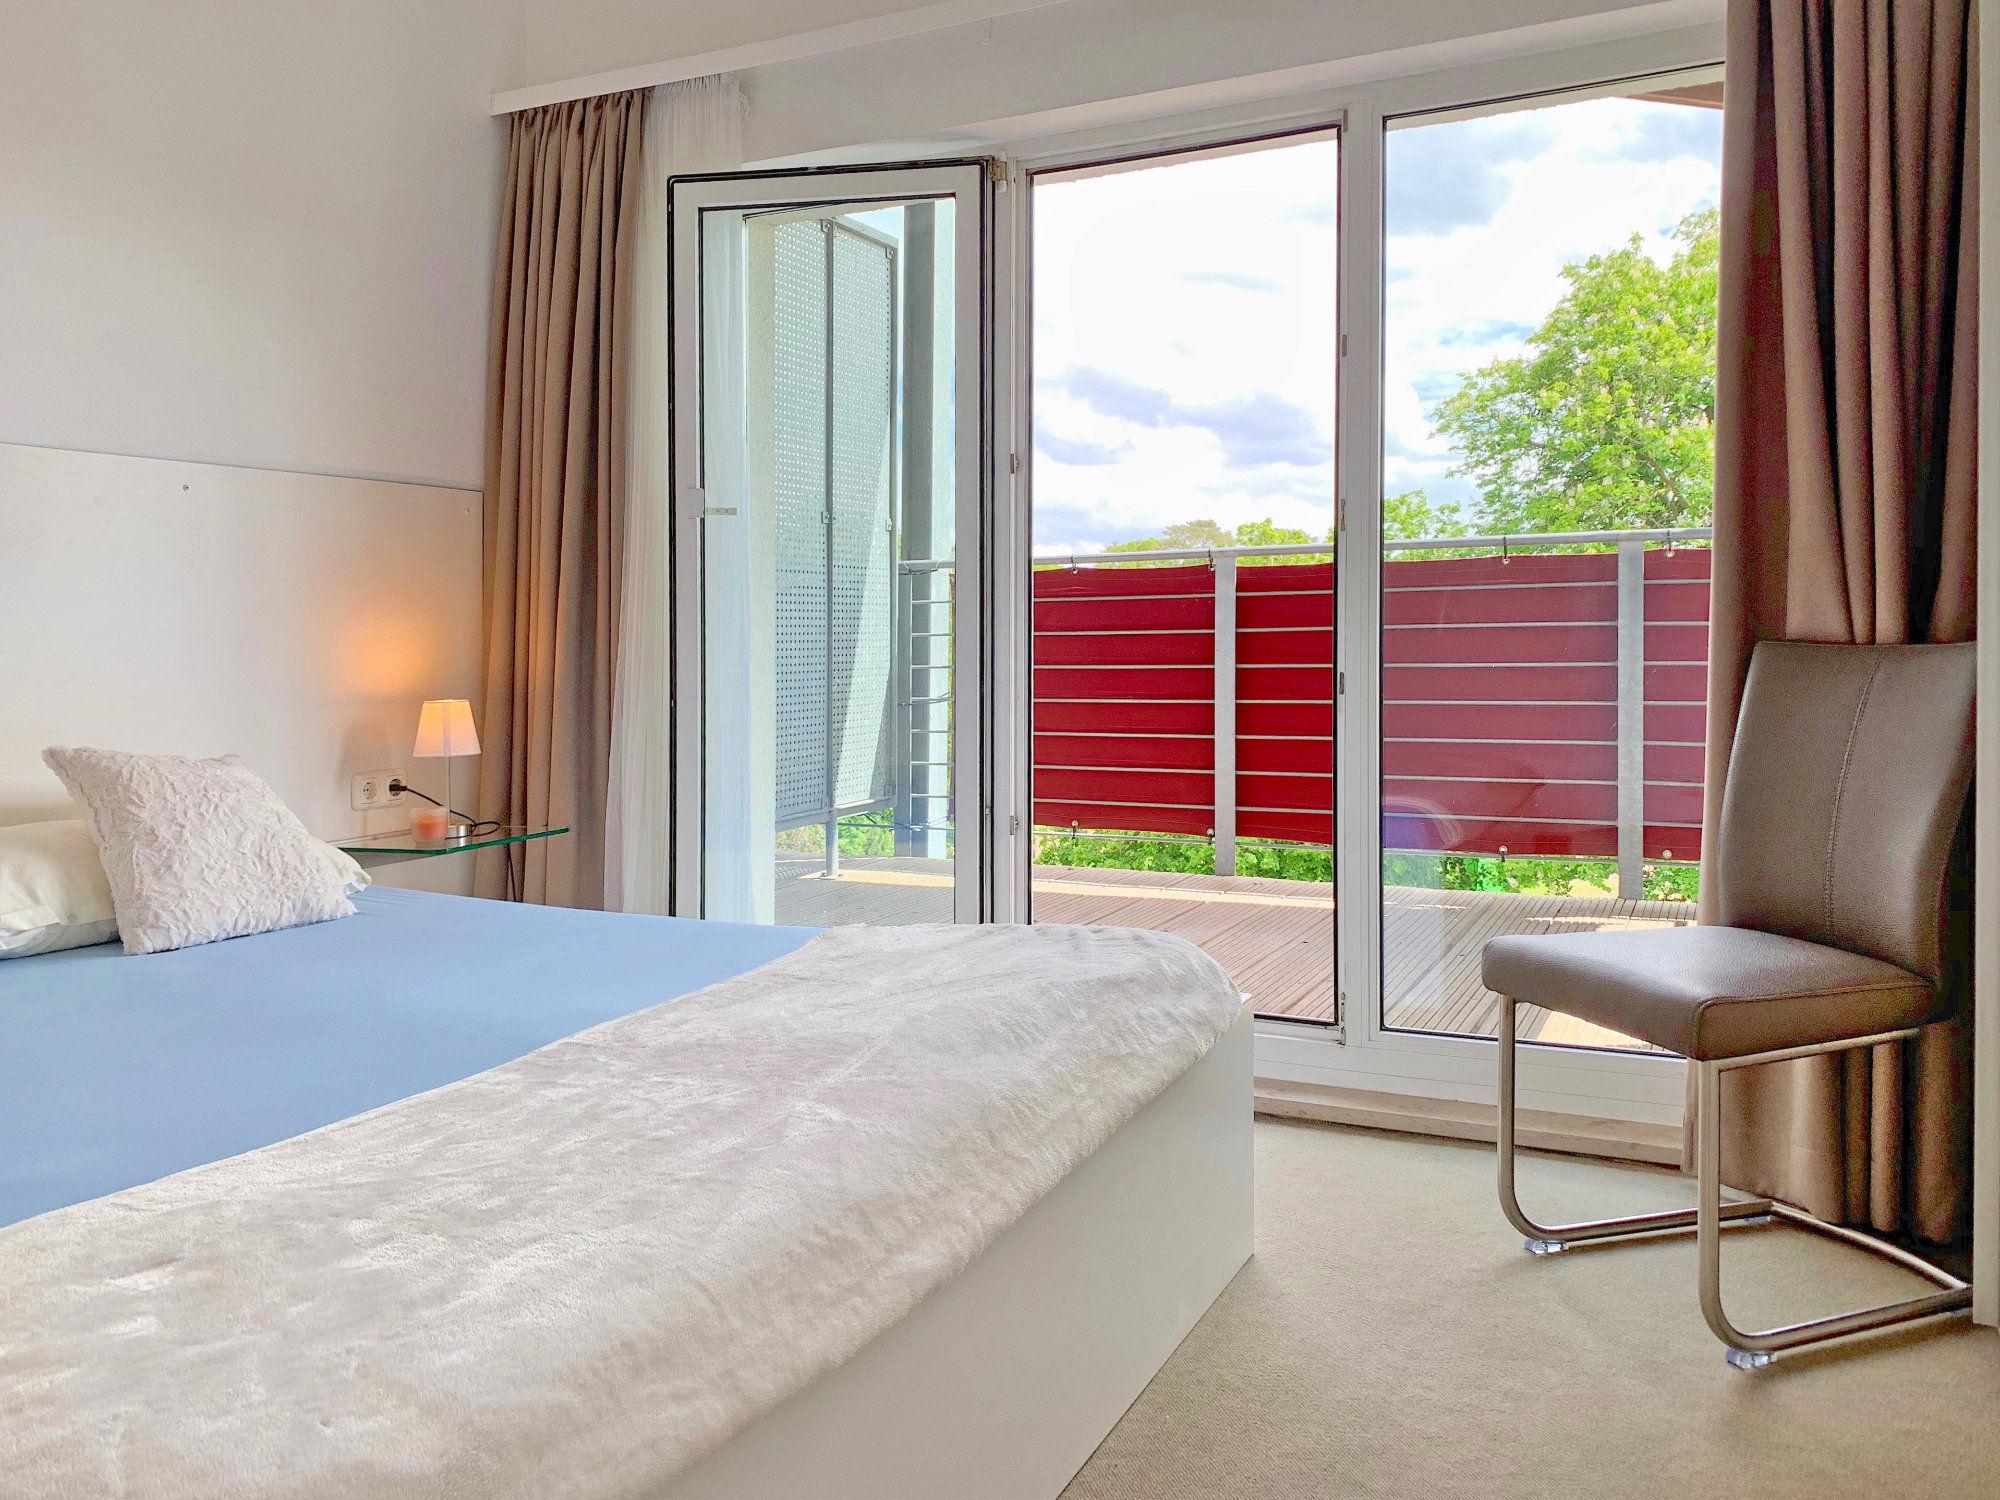 Schlafzimmer mit Doppelbett, rechts davon bodentiefe Fenster und Zugang zum Balkon